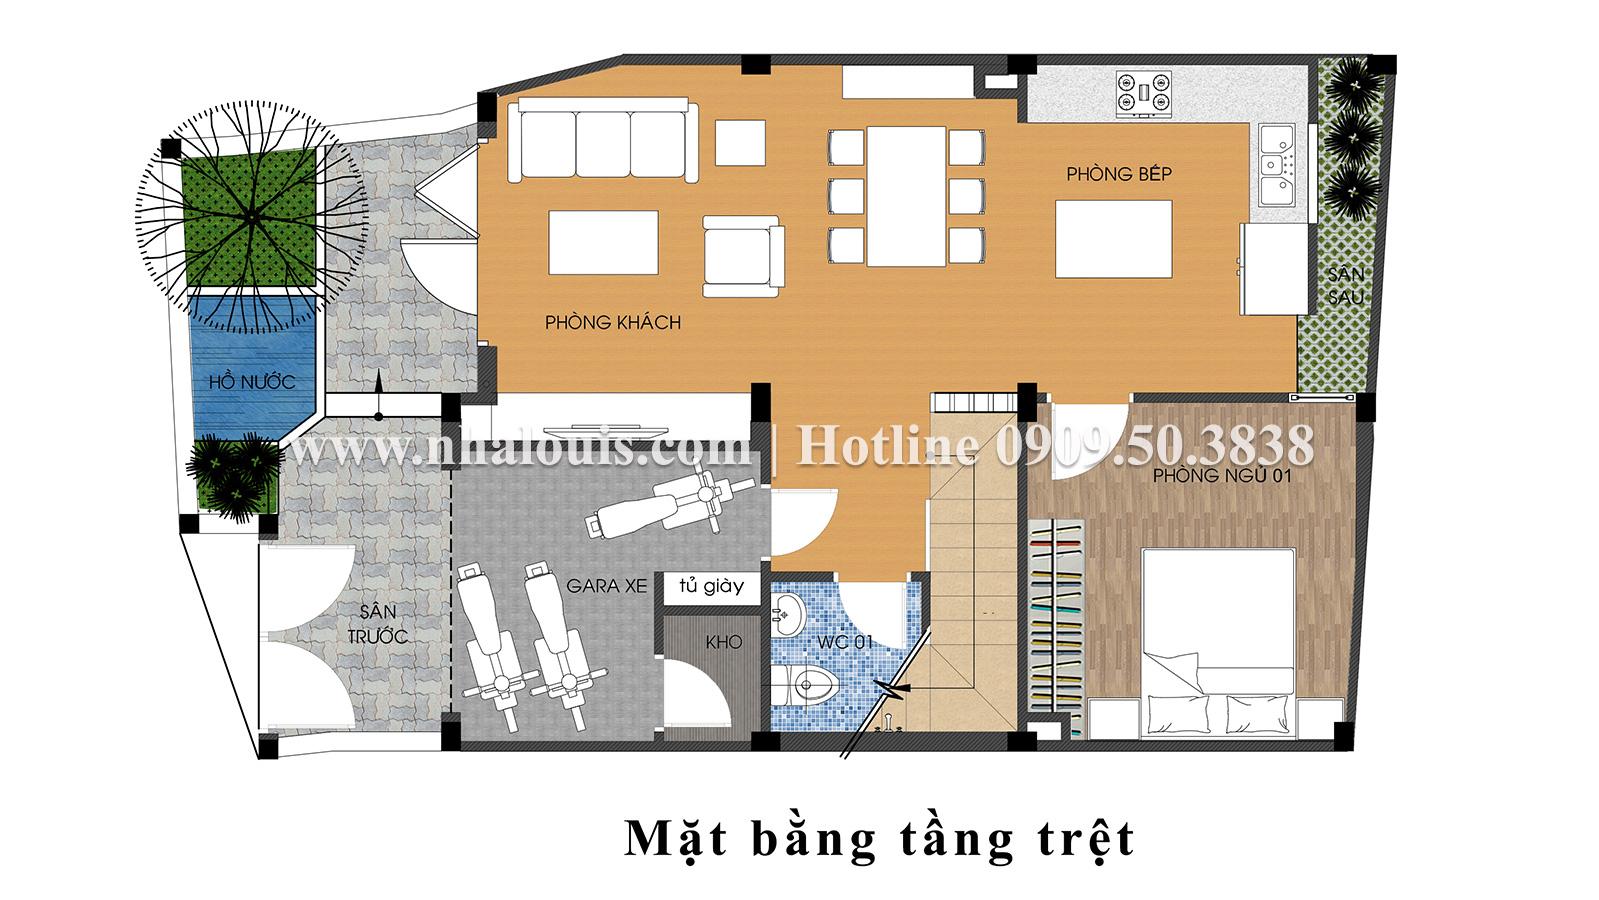 Mặt bằng tầng trệt Mẫu nhà ống tân cổ điển 4 tầng tại Gò Vấp đẹp sang chảnh - 03